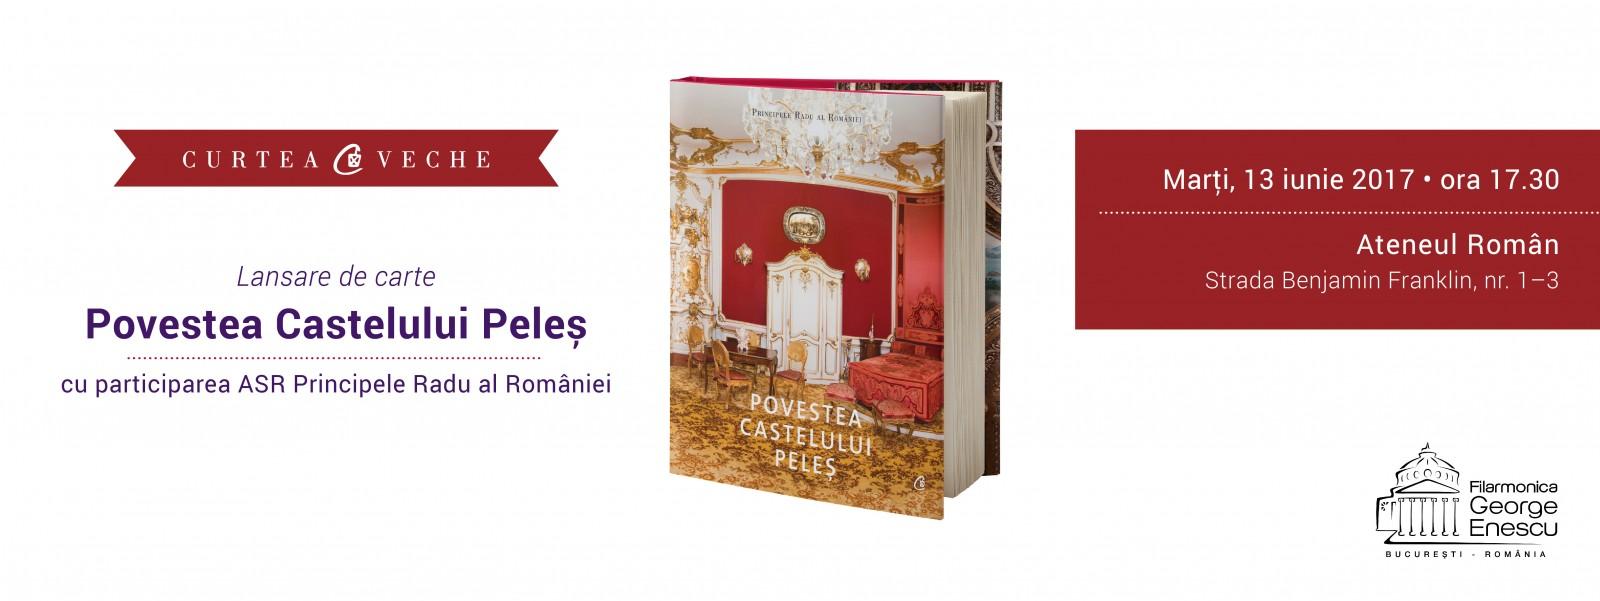 """ASR Principele Radu al României lansează pe 13 iunie la Ateneul Român """"Povestea Castelului Peleş"""""""